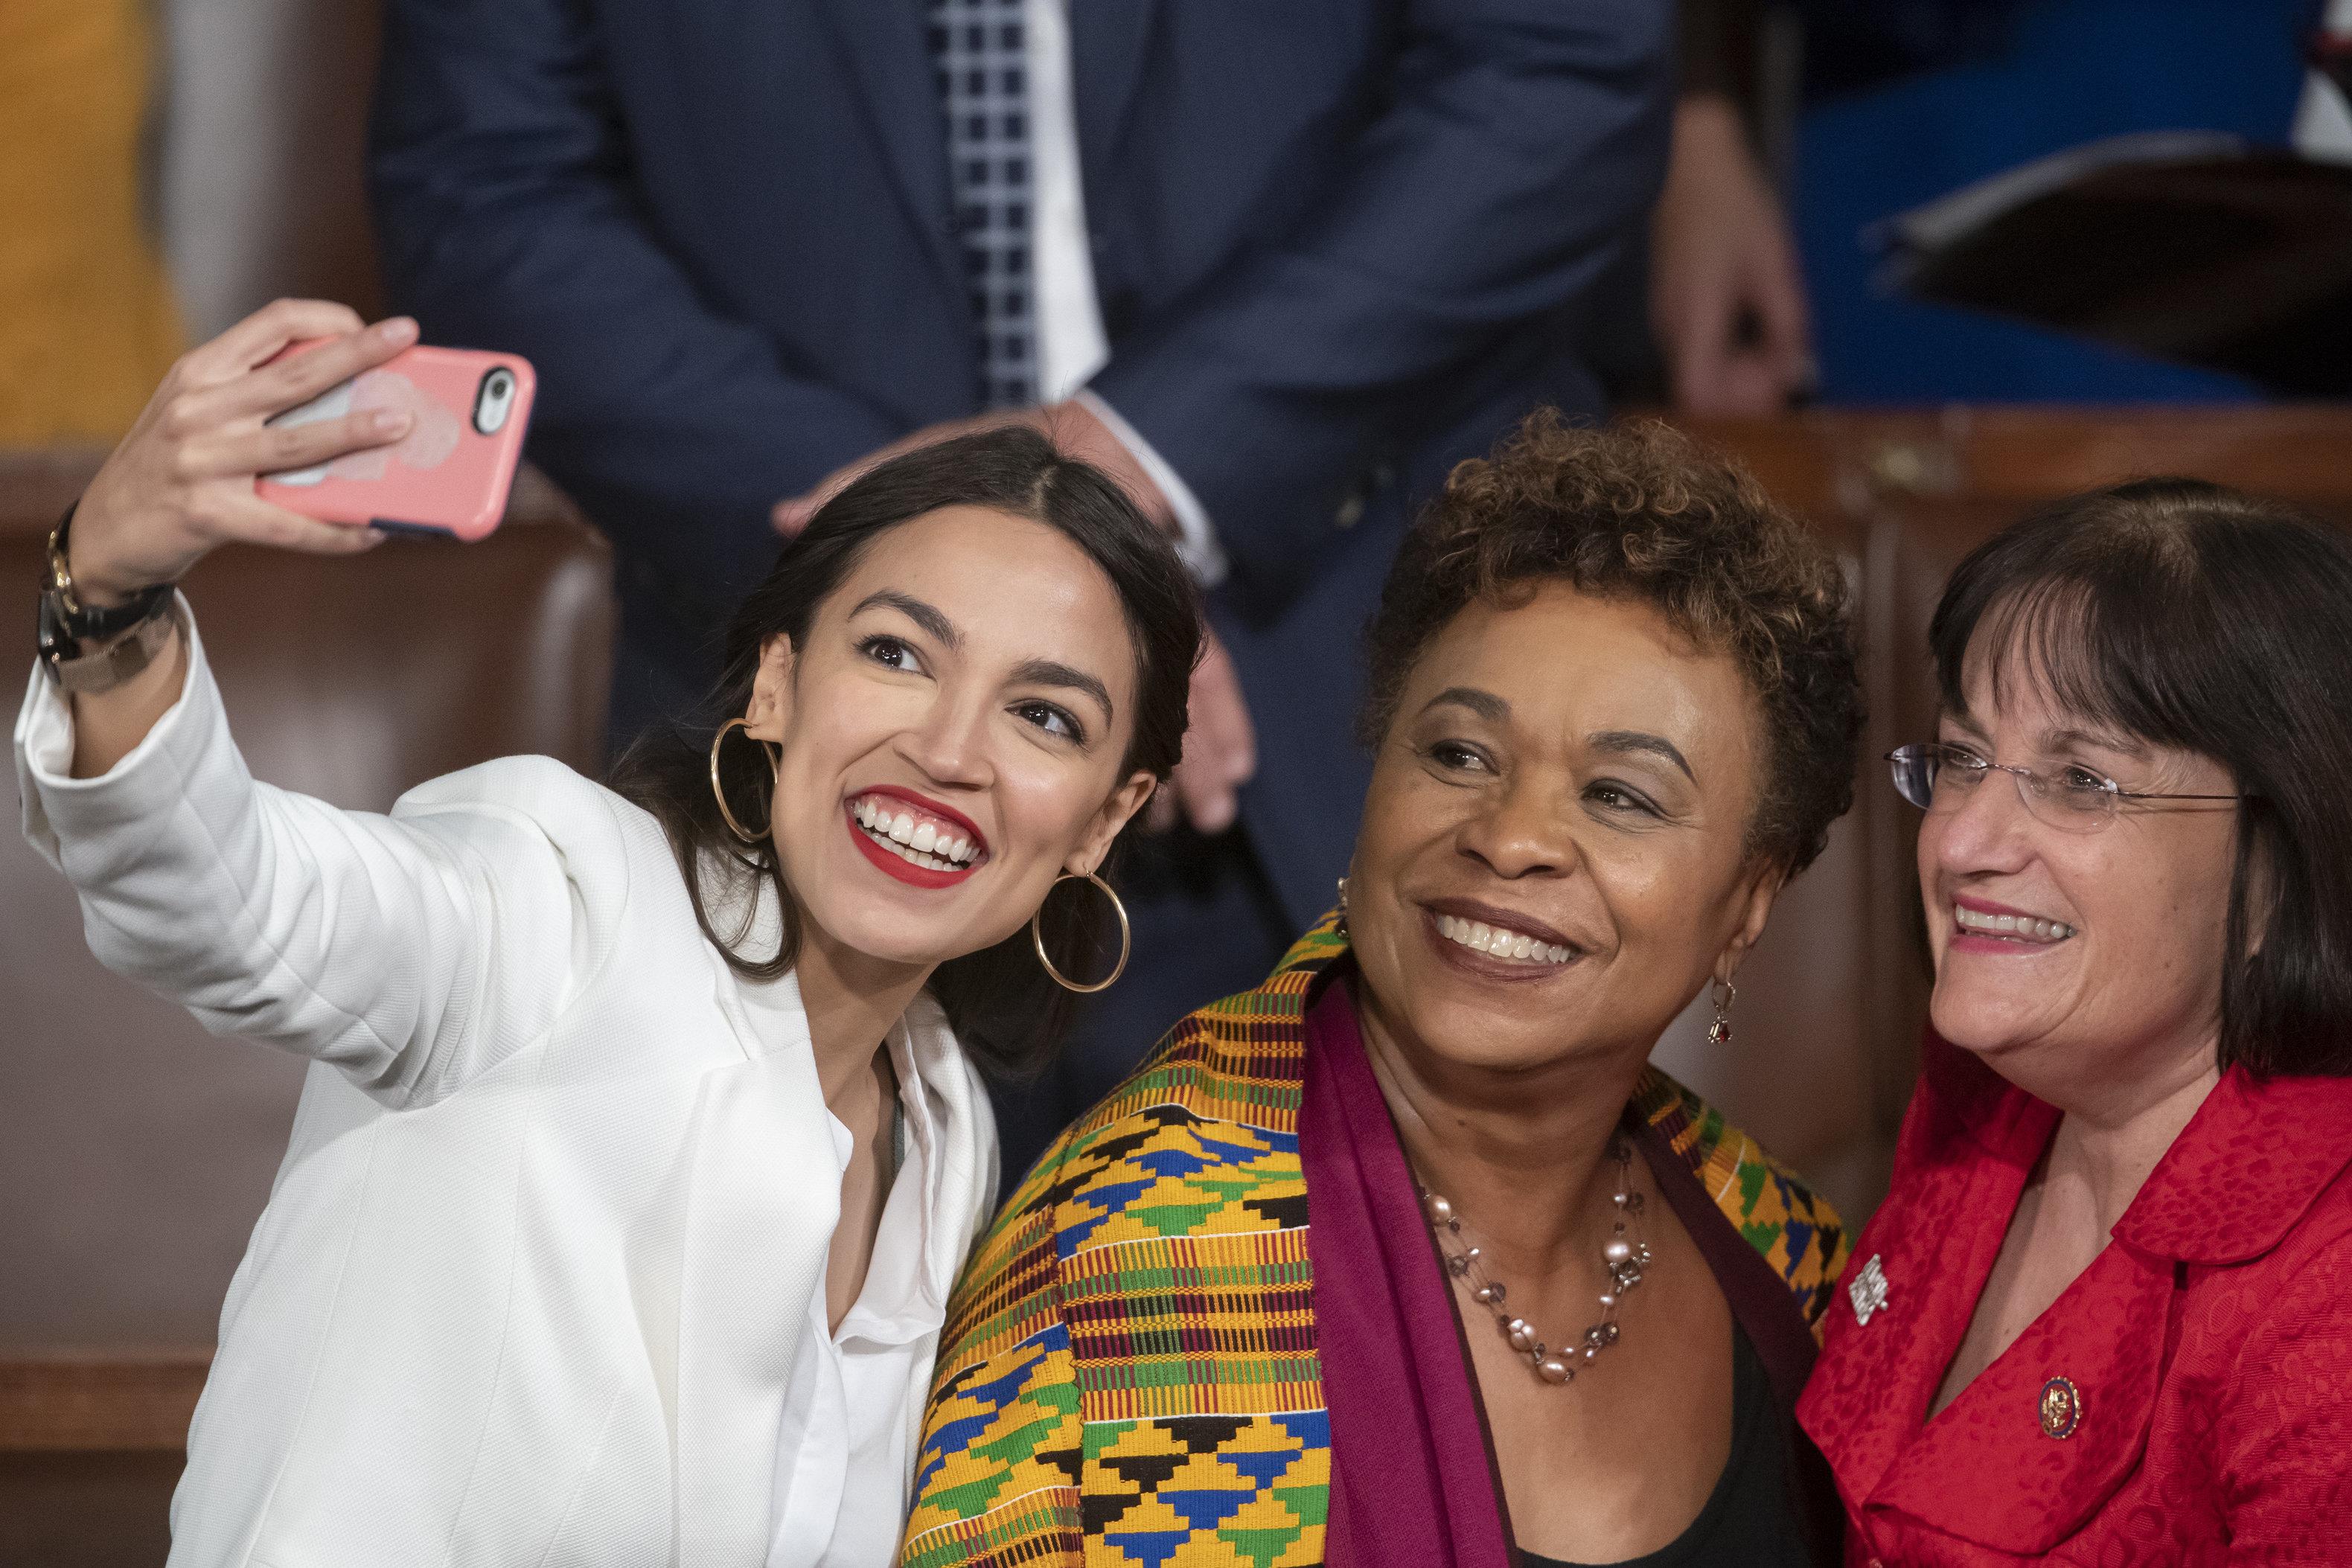 La representante Alexandria Ocasio-Cortez, demócrata de Nueva York, se toma una selfie con la representante Ann McLane Kuster, demócrata de Nueva Hampshire, y la representante Barbara Lee, demócrata de California, en el primer día del Congreso 116 con mayoría demócrata en el Capitolio, Washington, el jueves 3 de enero de 2019. (AP Foto/J. Scott Applewhite)